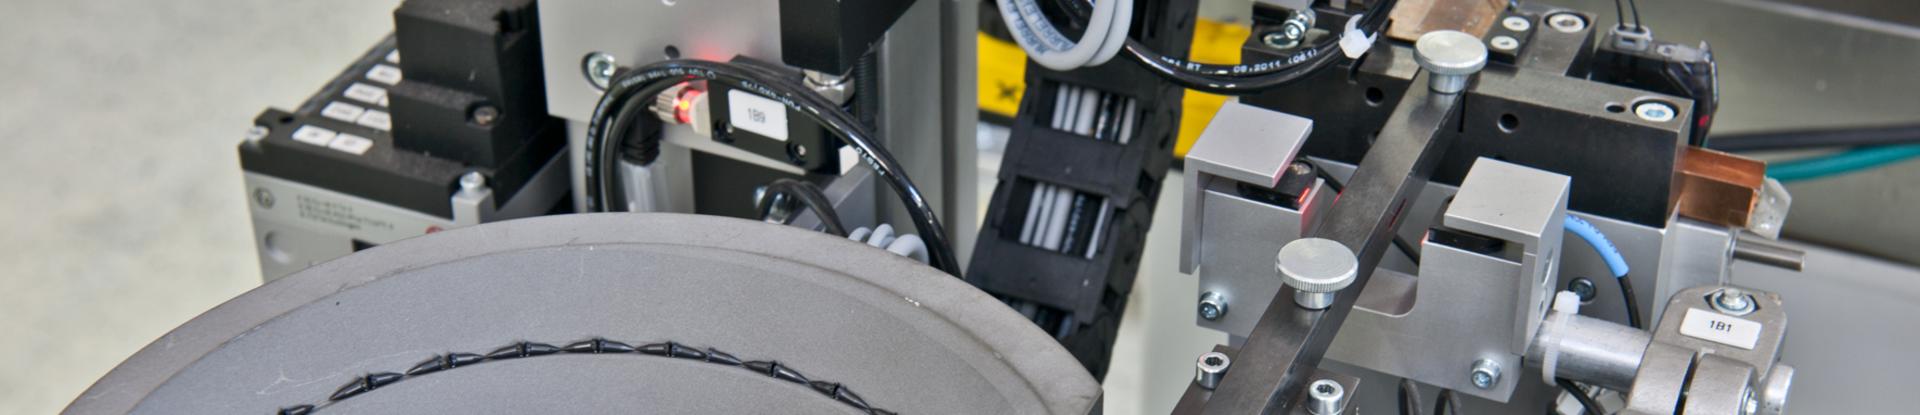 Automatisierte Teilezuführung zur Umspritzung